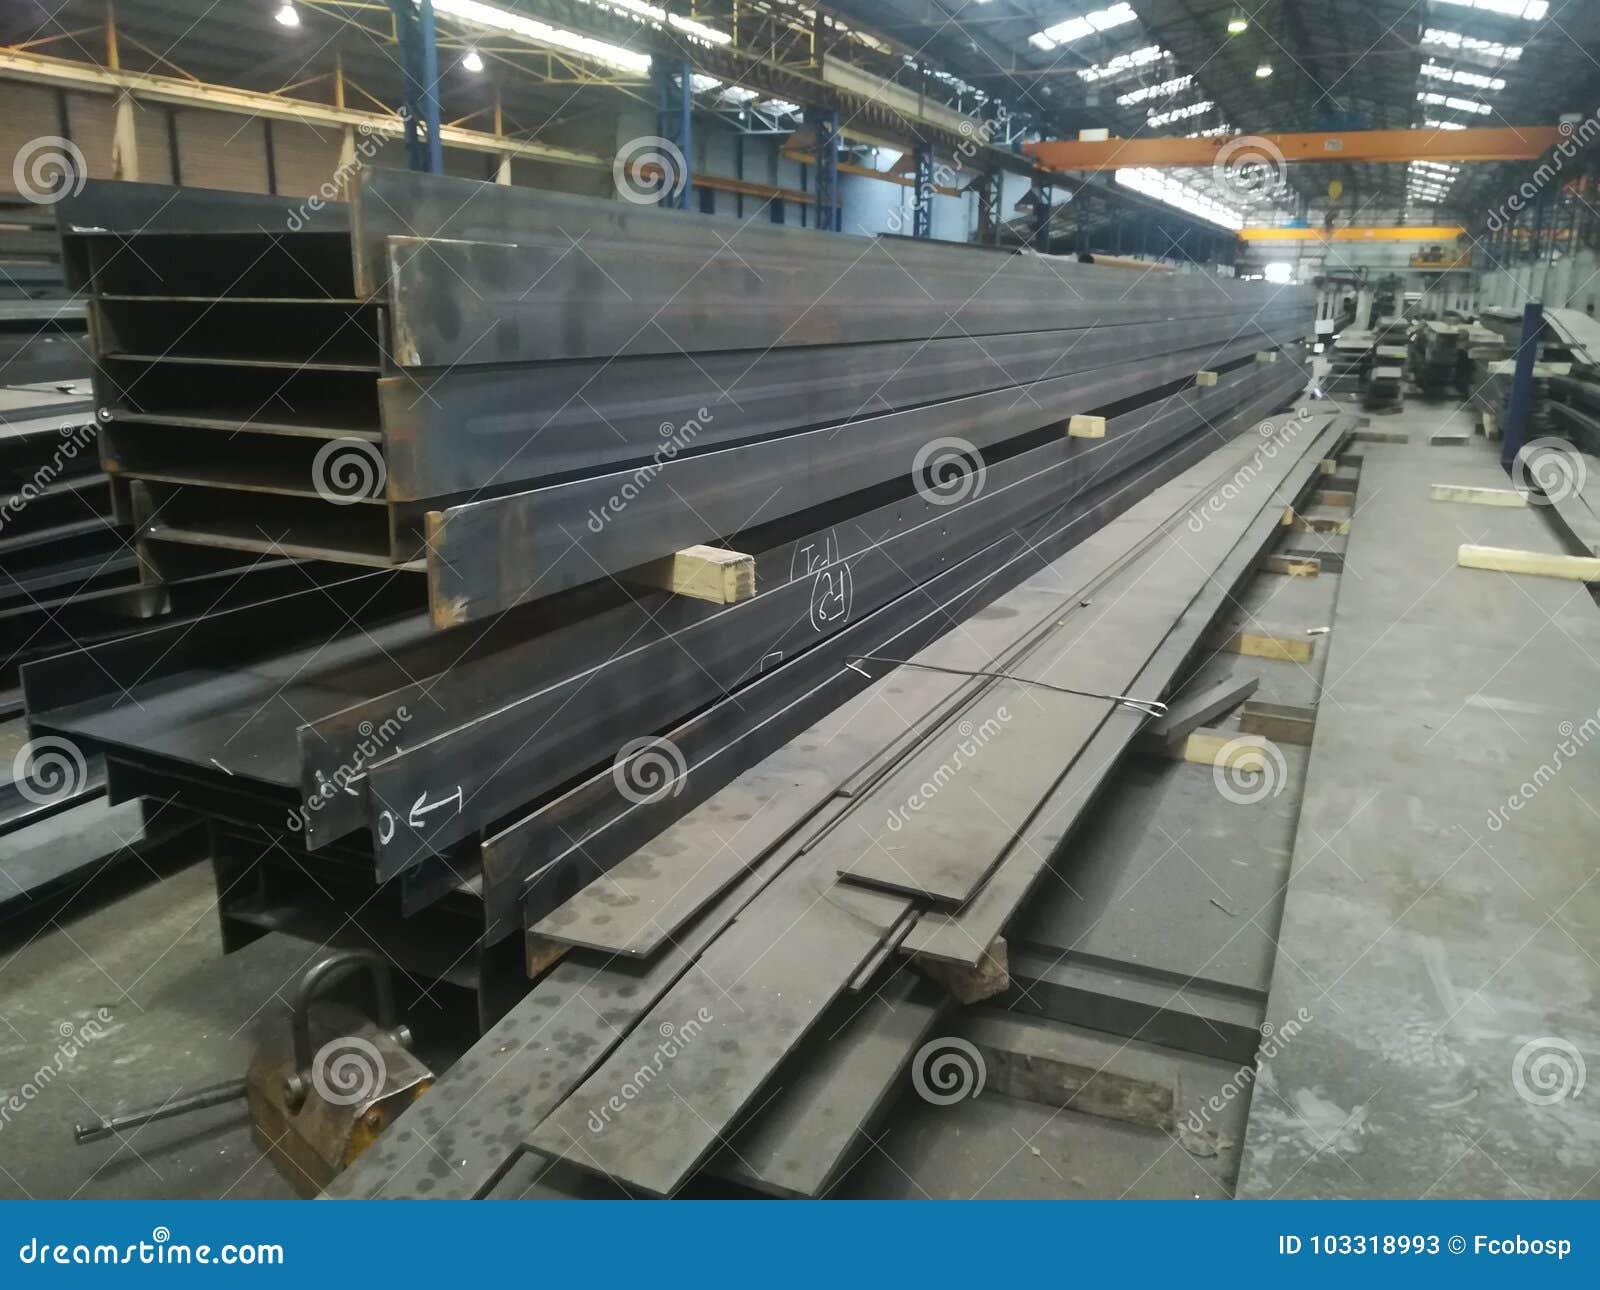 Βαριές και μεγάλες δομές μετάλλων σε ένα σιδηρουργείο